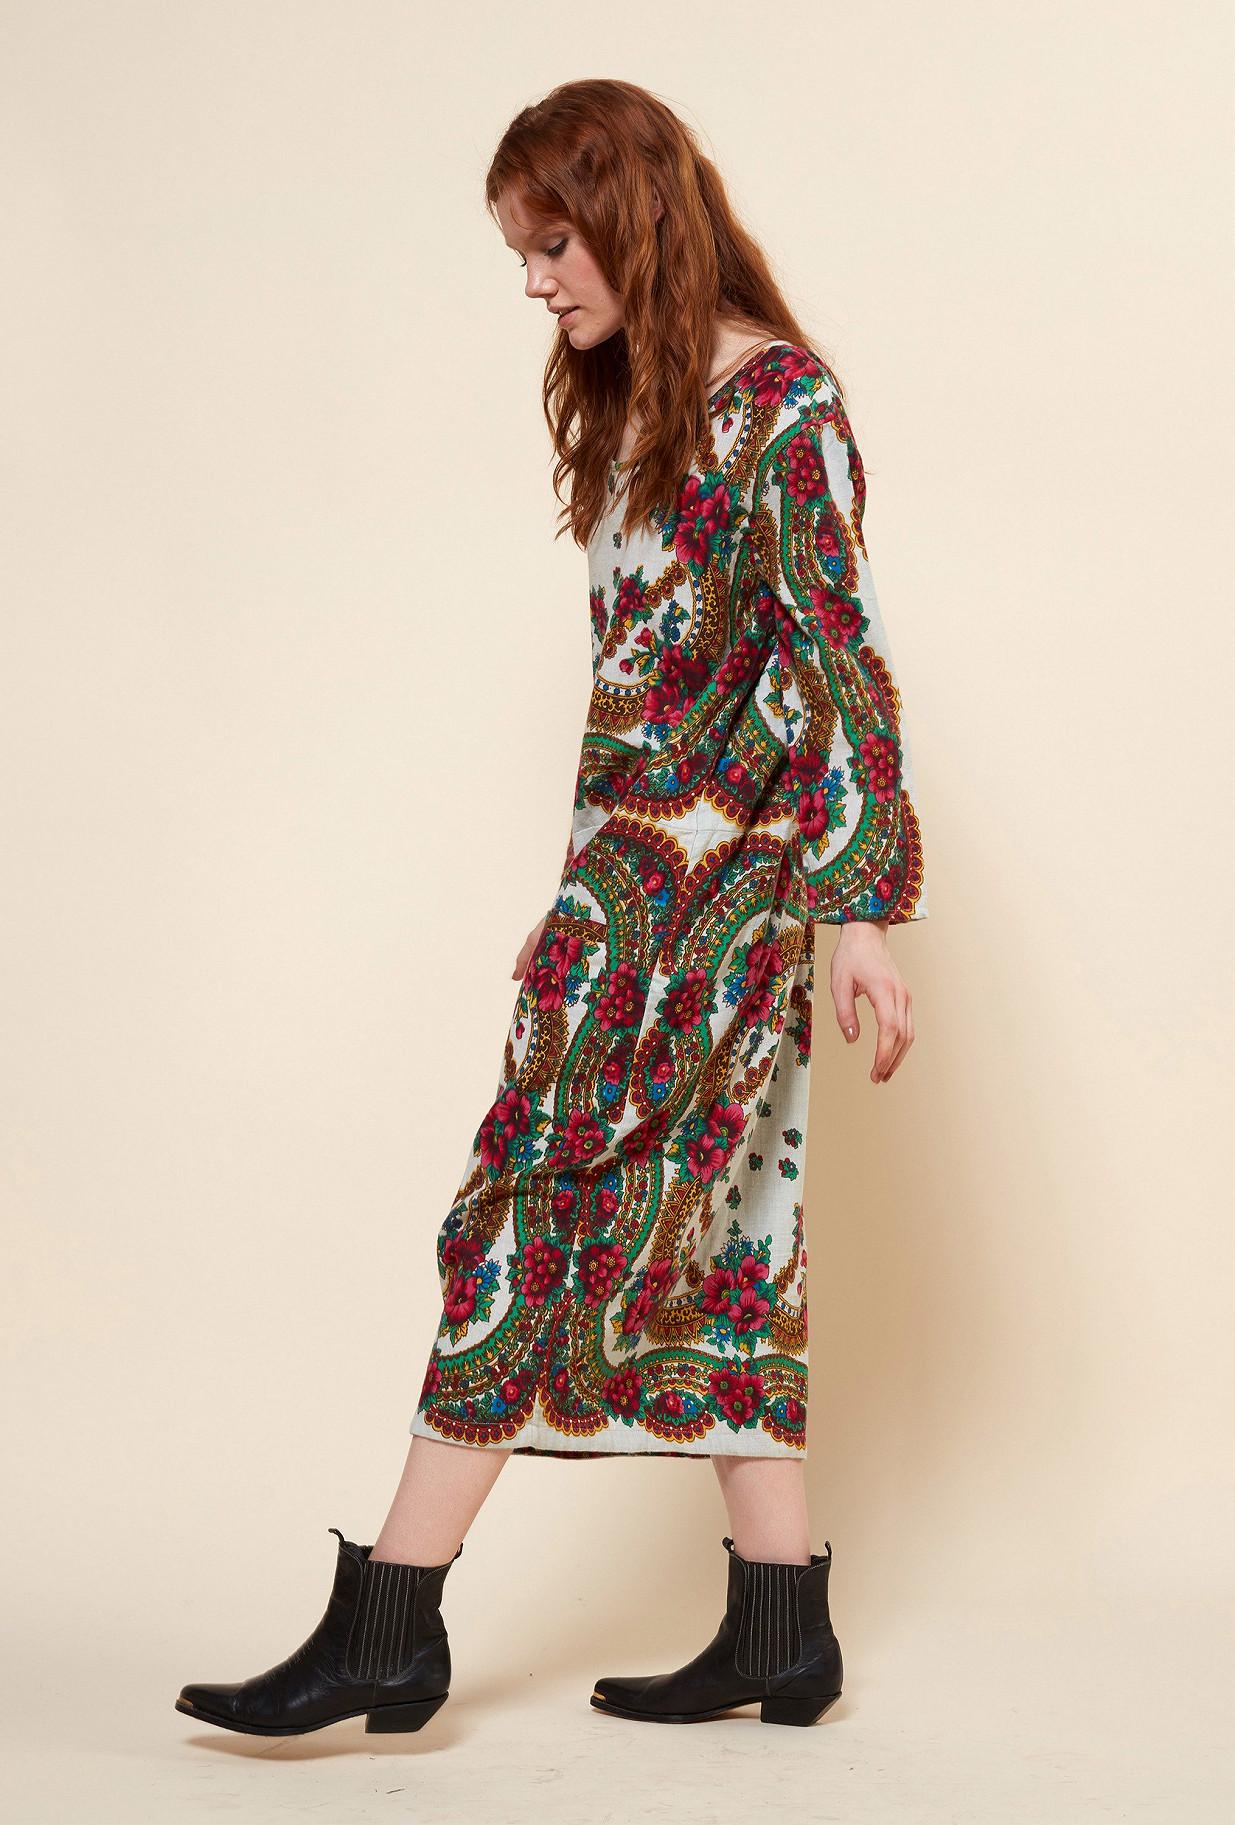 Paris boutique de mode vêtement Robe créateur bohème  Pachmina